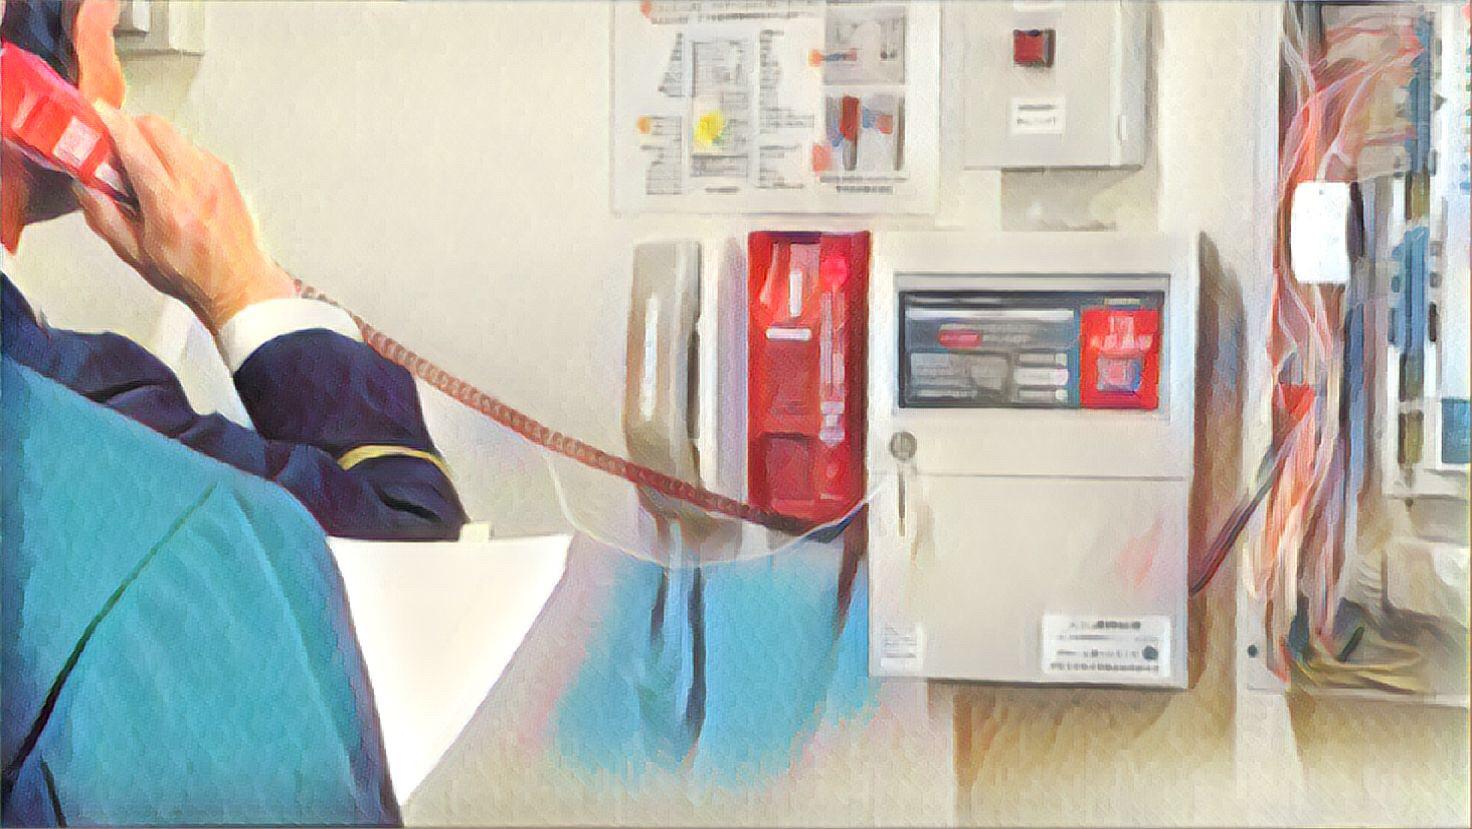 火災通報装置 消防検査